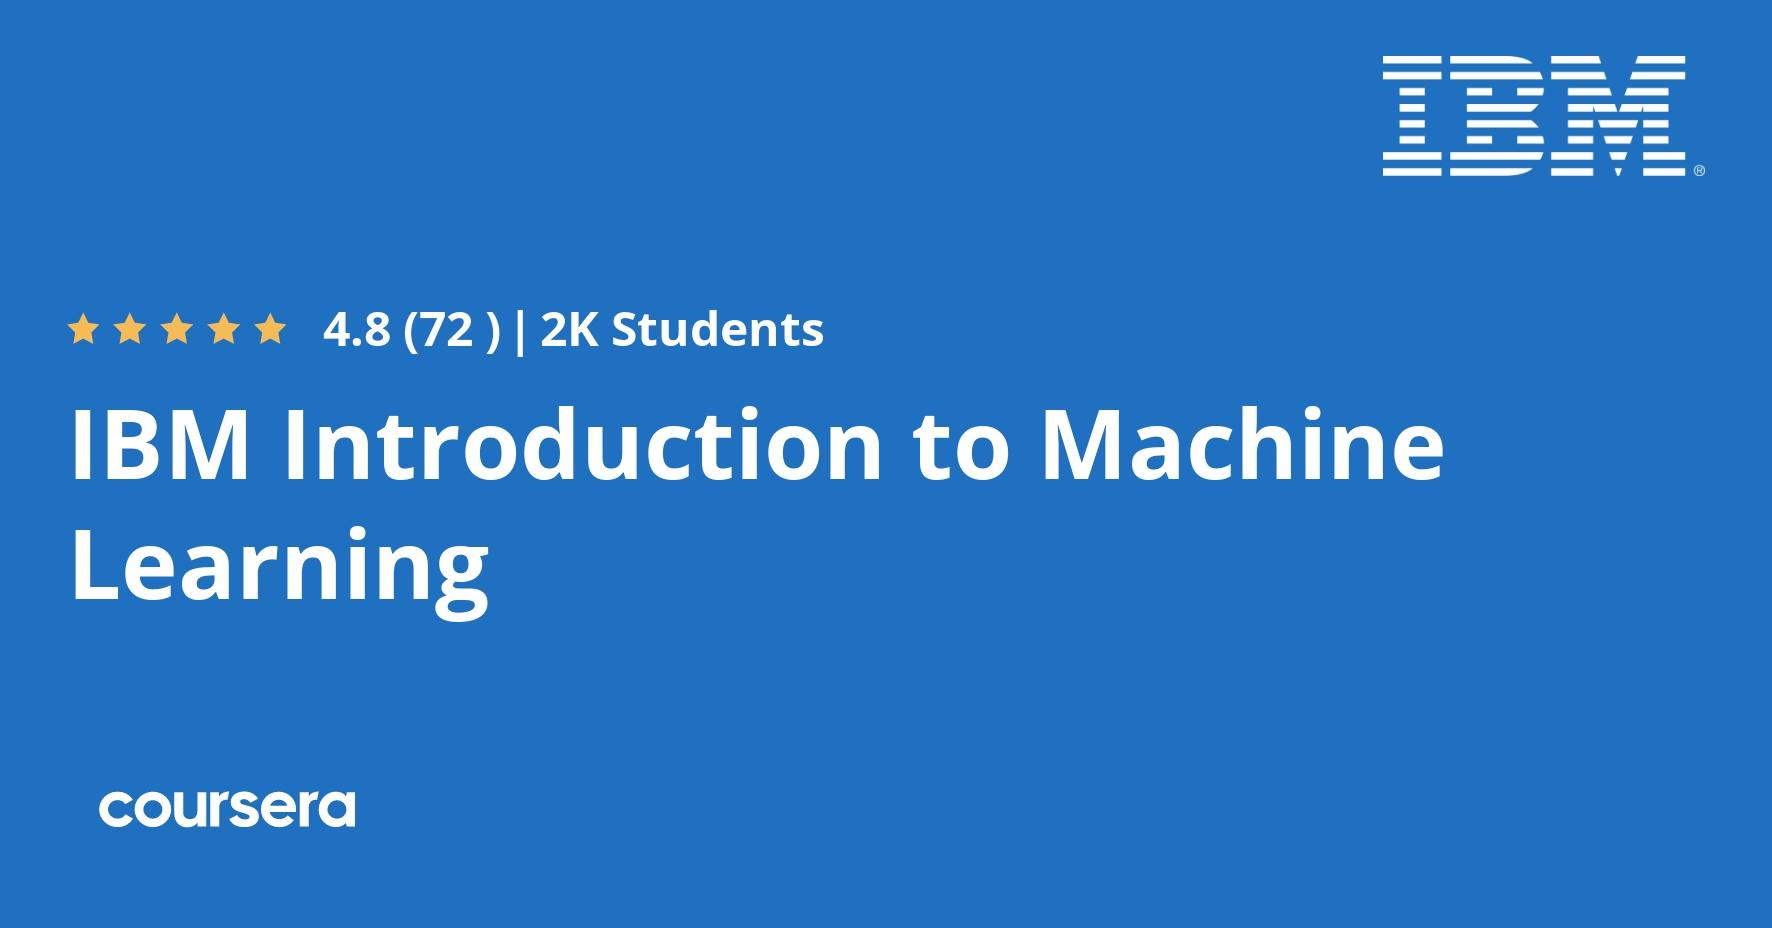 Machinelearning-coursera